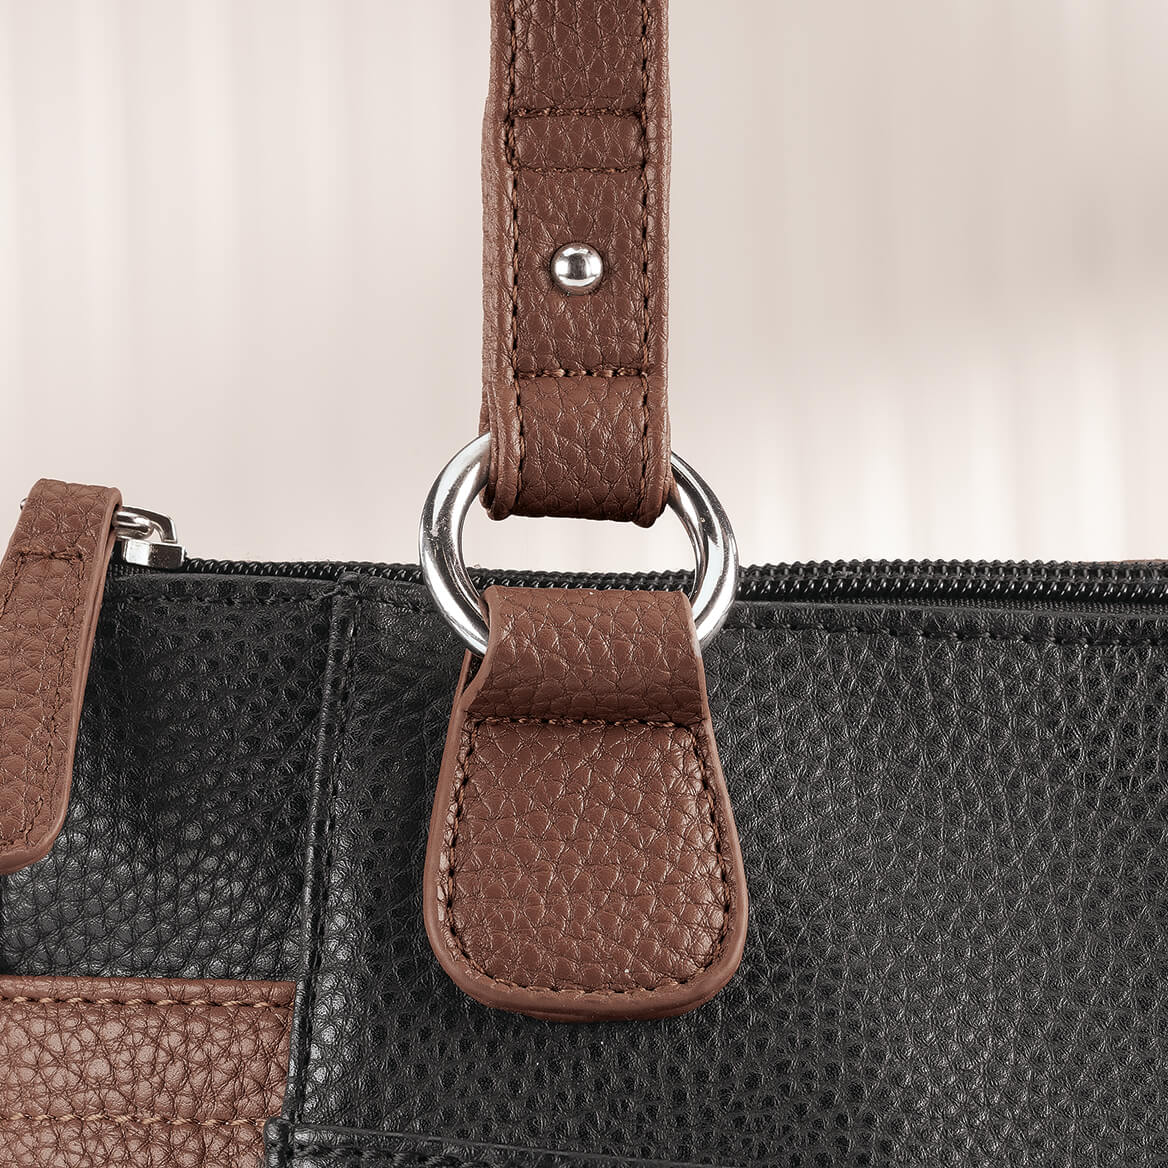 B.Amici™ Nicole RFID Greenwich Multi Pocket Leather Satchel-367449